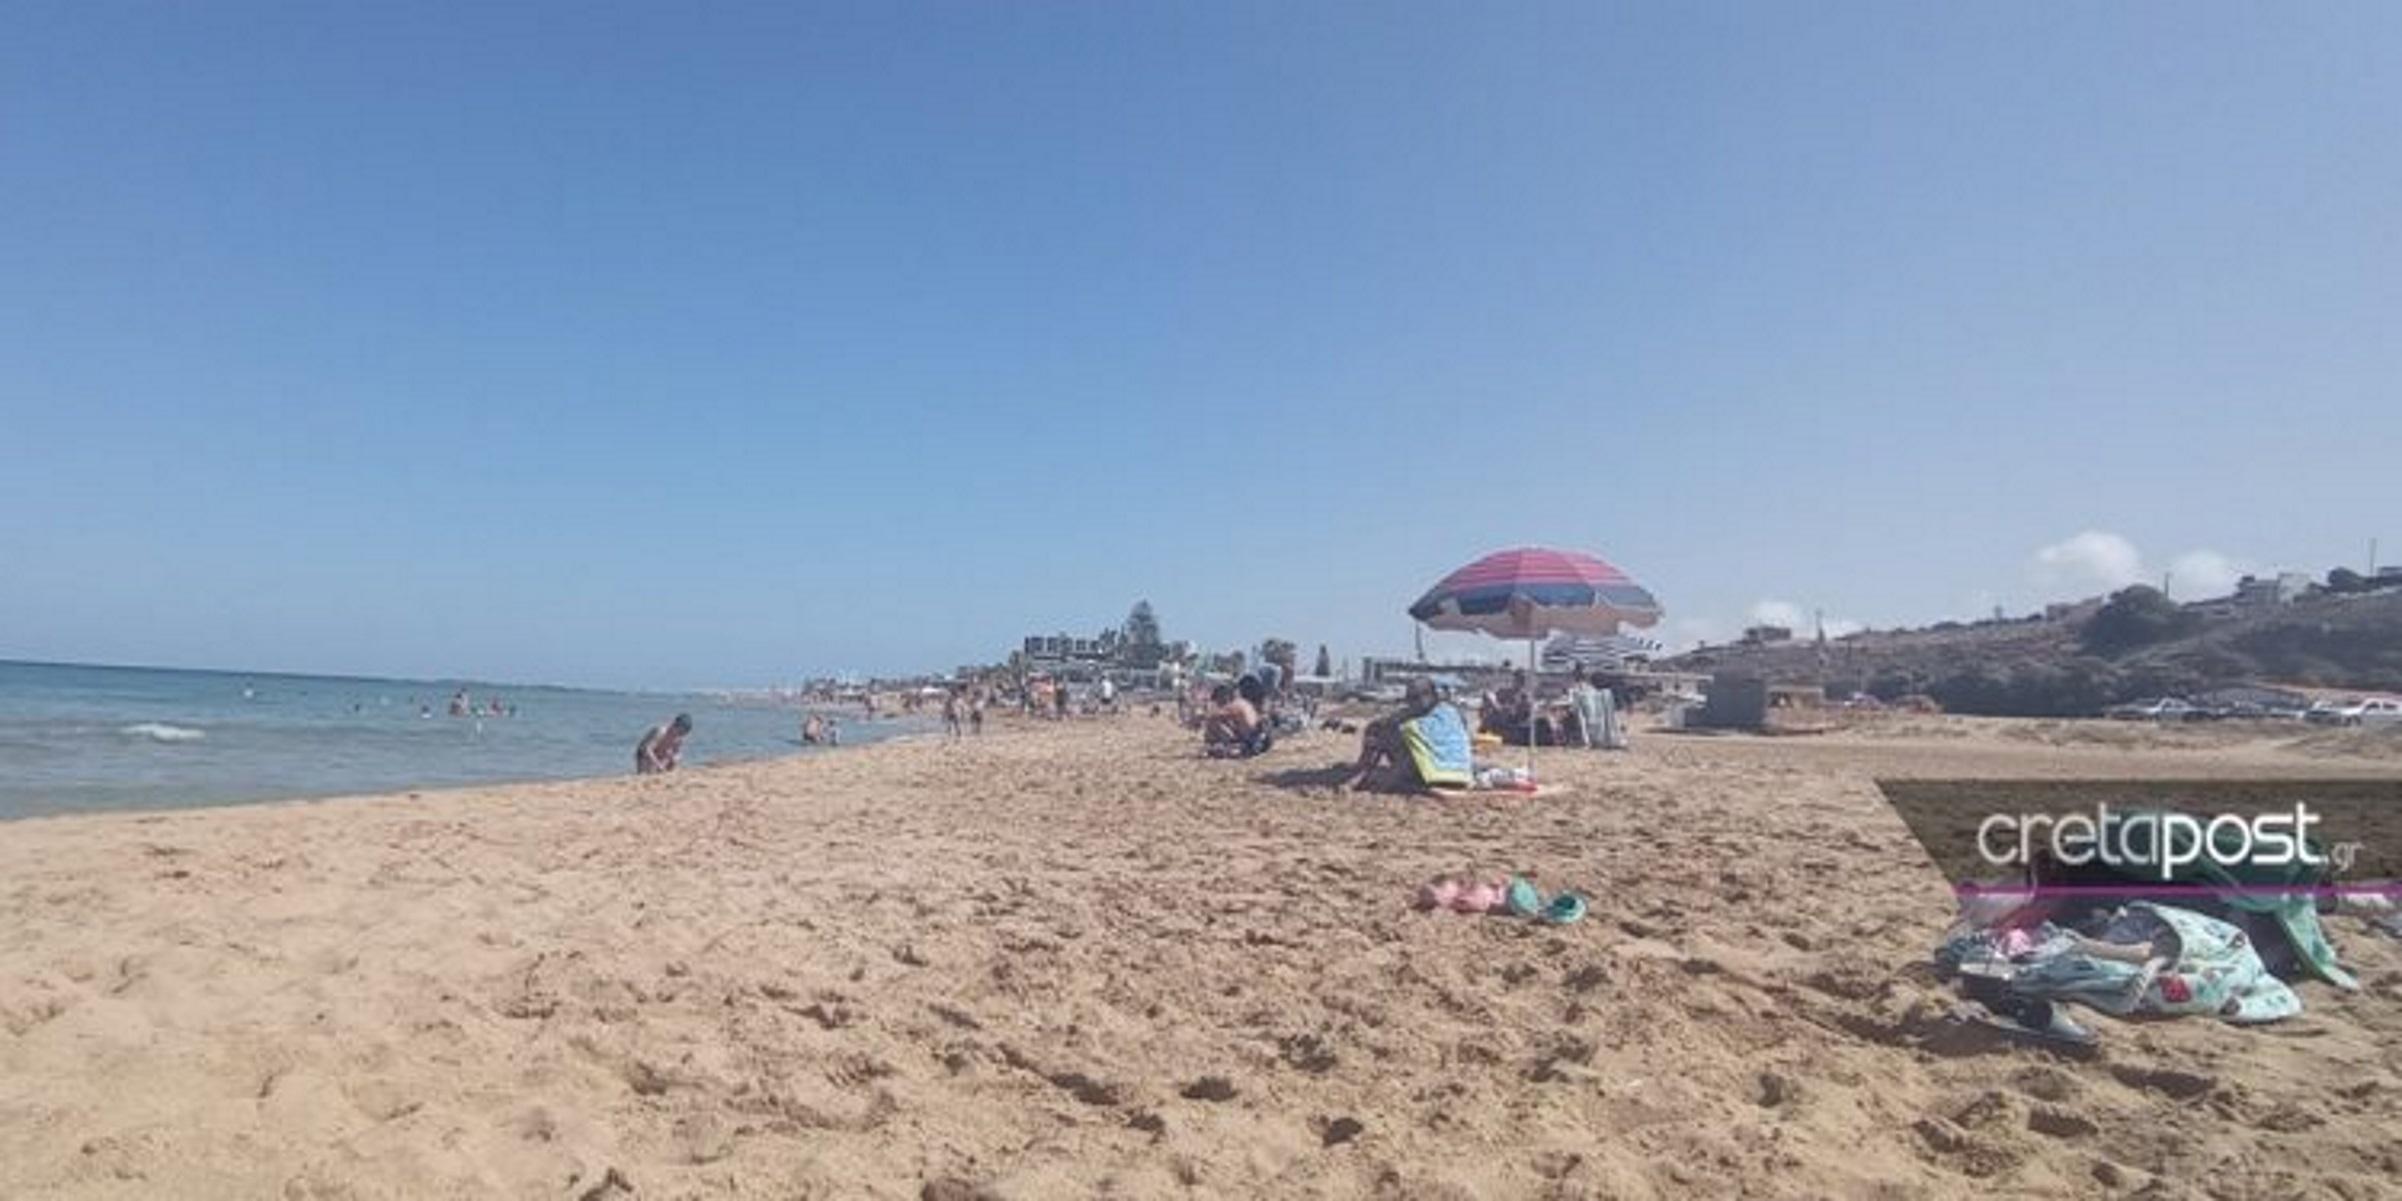 Κρήτη: Όταν λείπει η κακοκαιρία «Αθηνά» – Ξεχύθηκαν στις παραλίες για βουτιές και ηλιοθεραπεία